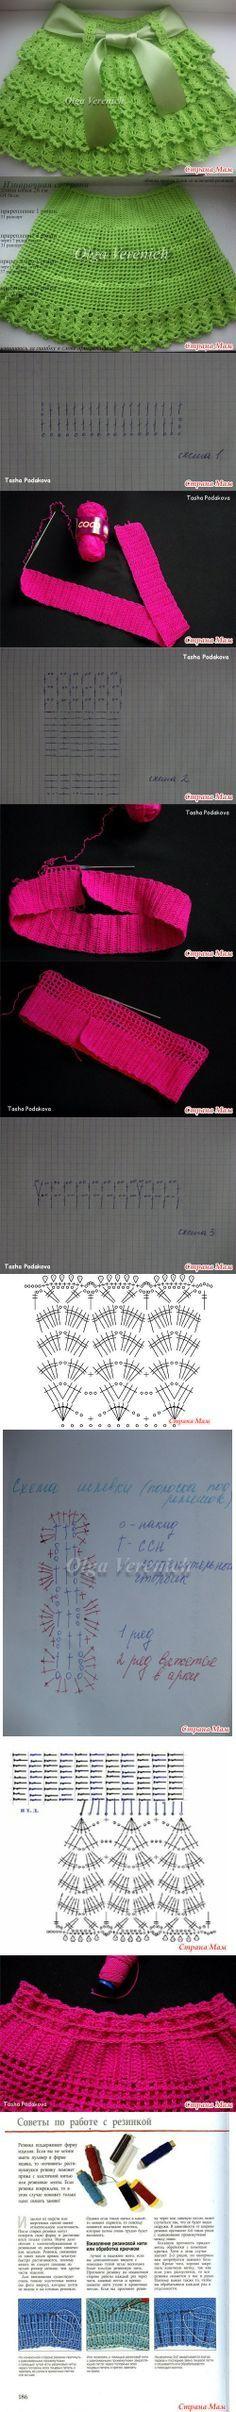 Saia de Olga Verenich Little girls ruffle skirt. Diagram of stitches